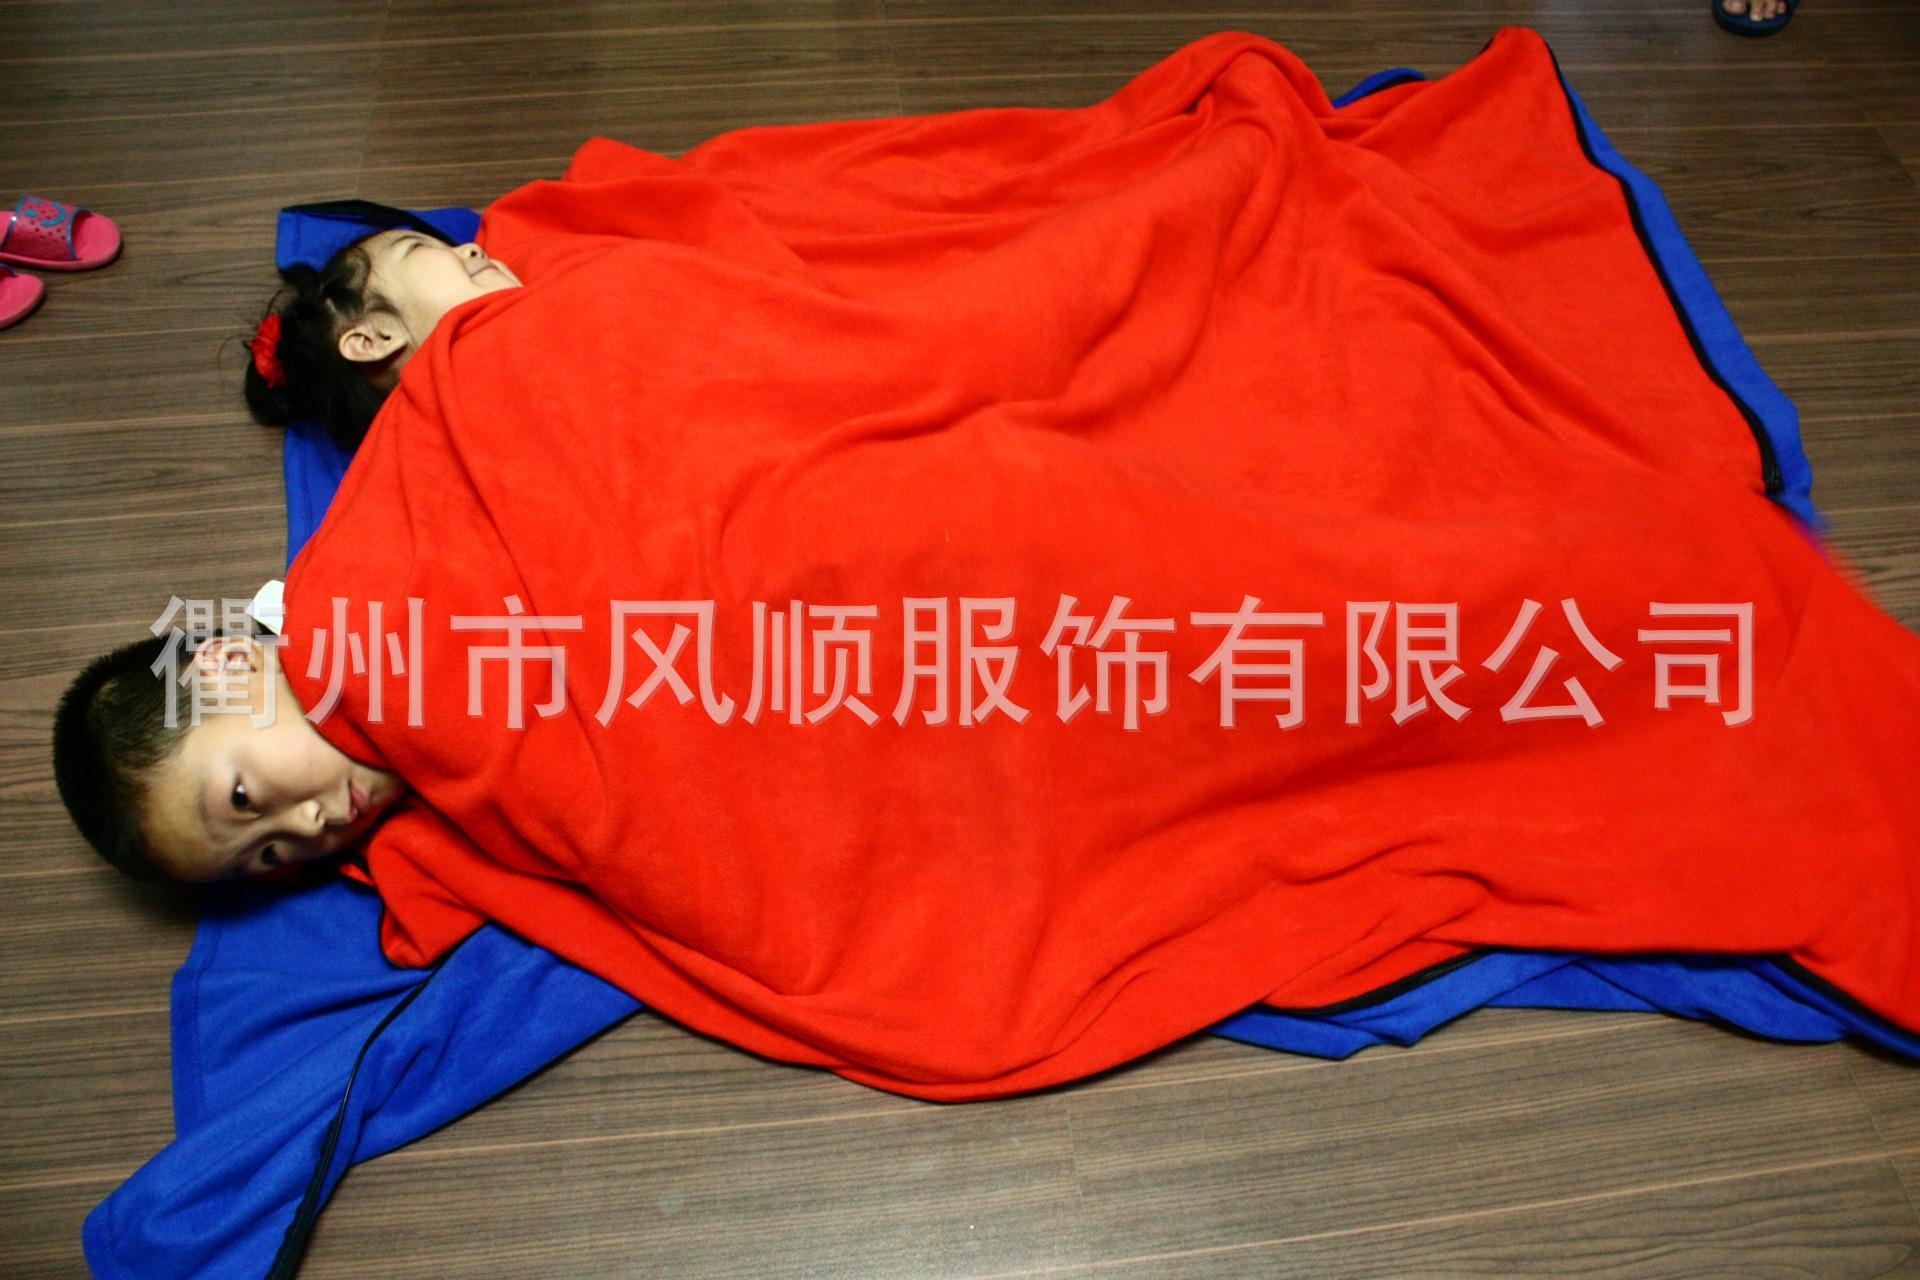 【美觀實用】顏色多種可選抓絨睡袋 春夏秋搖粒絨睡袋 便攜式睡袋